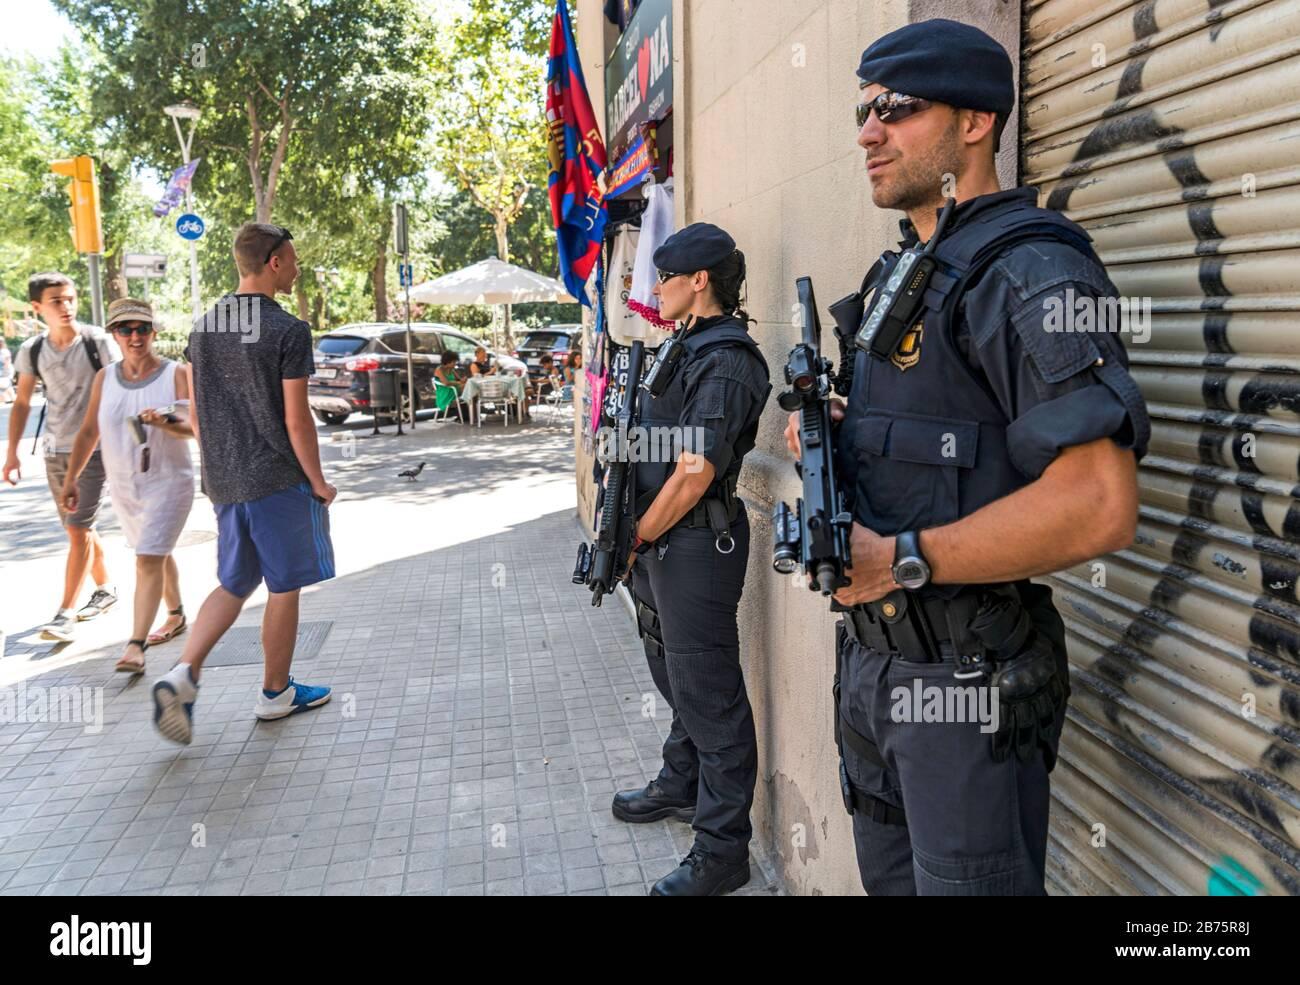 Espagne, Barcelone, 04.08.2017. La police catalane (Mossos d'Escuadra) sur une route près de la Sagrada Familia à Barcelone, Espagne, le 04.08.2017. [traduction automatique] Banque D'Images